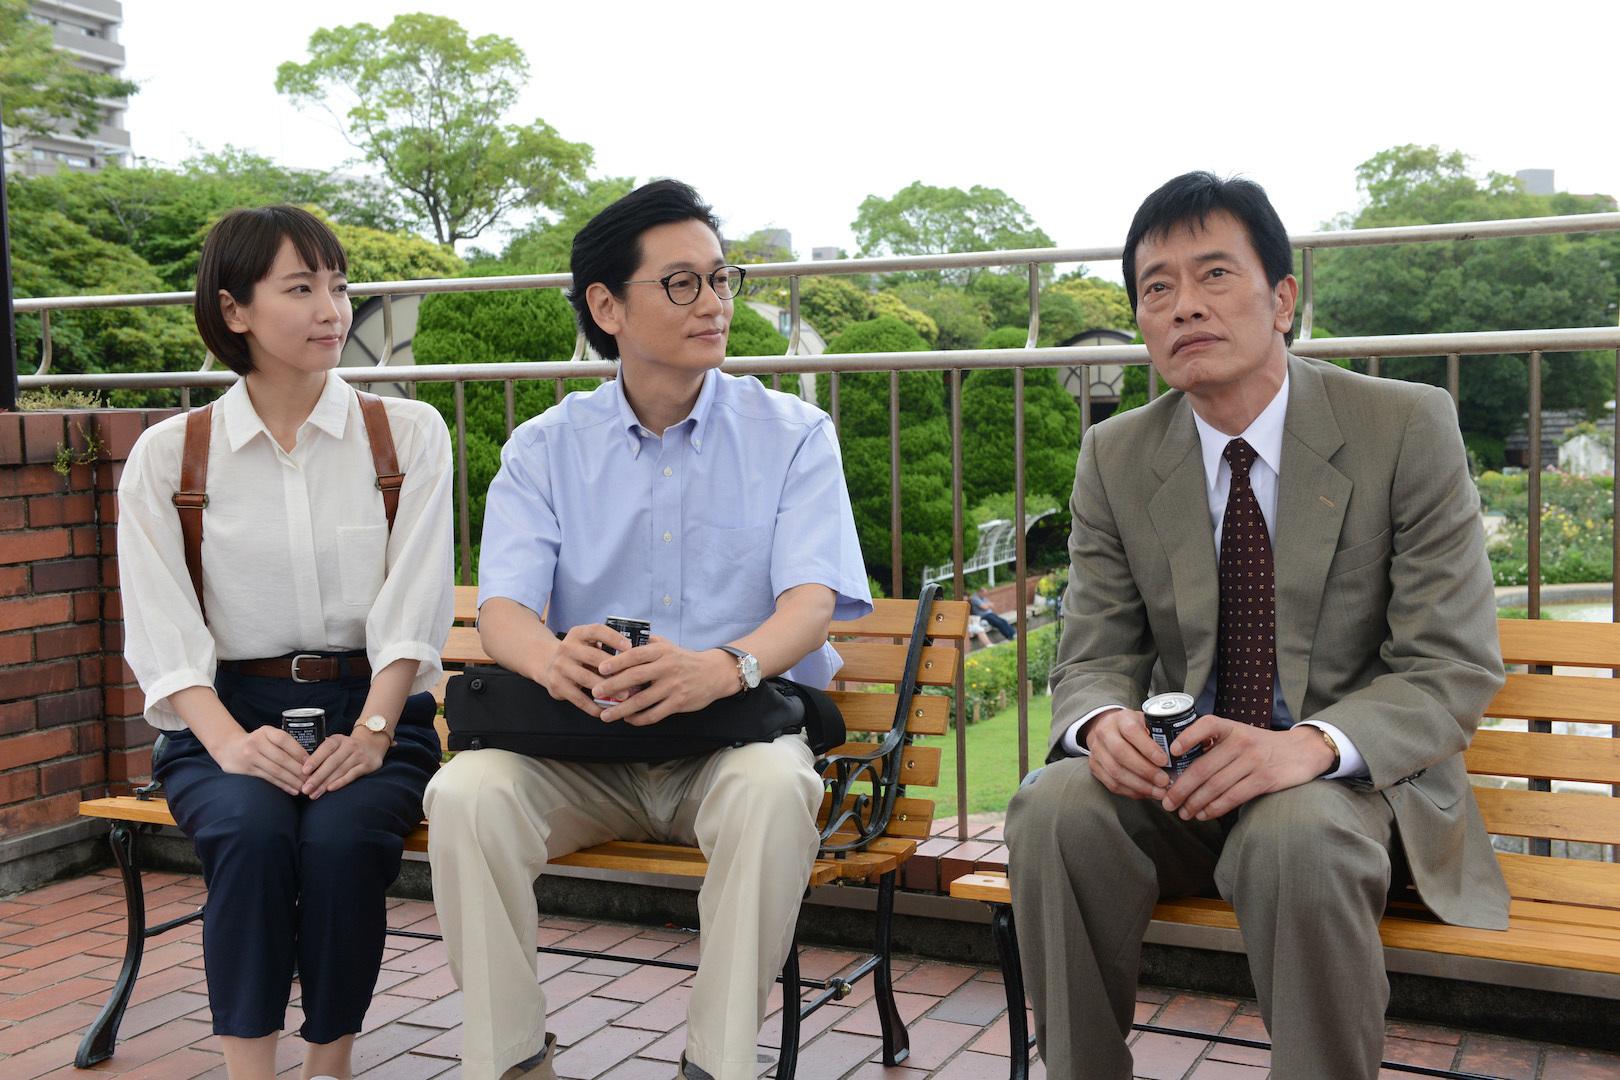 フジテレビ系火9ドラマ『健康で文化的な最低限度の生活』